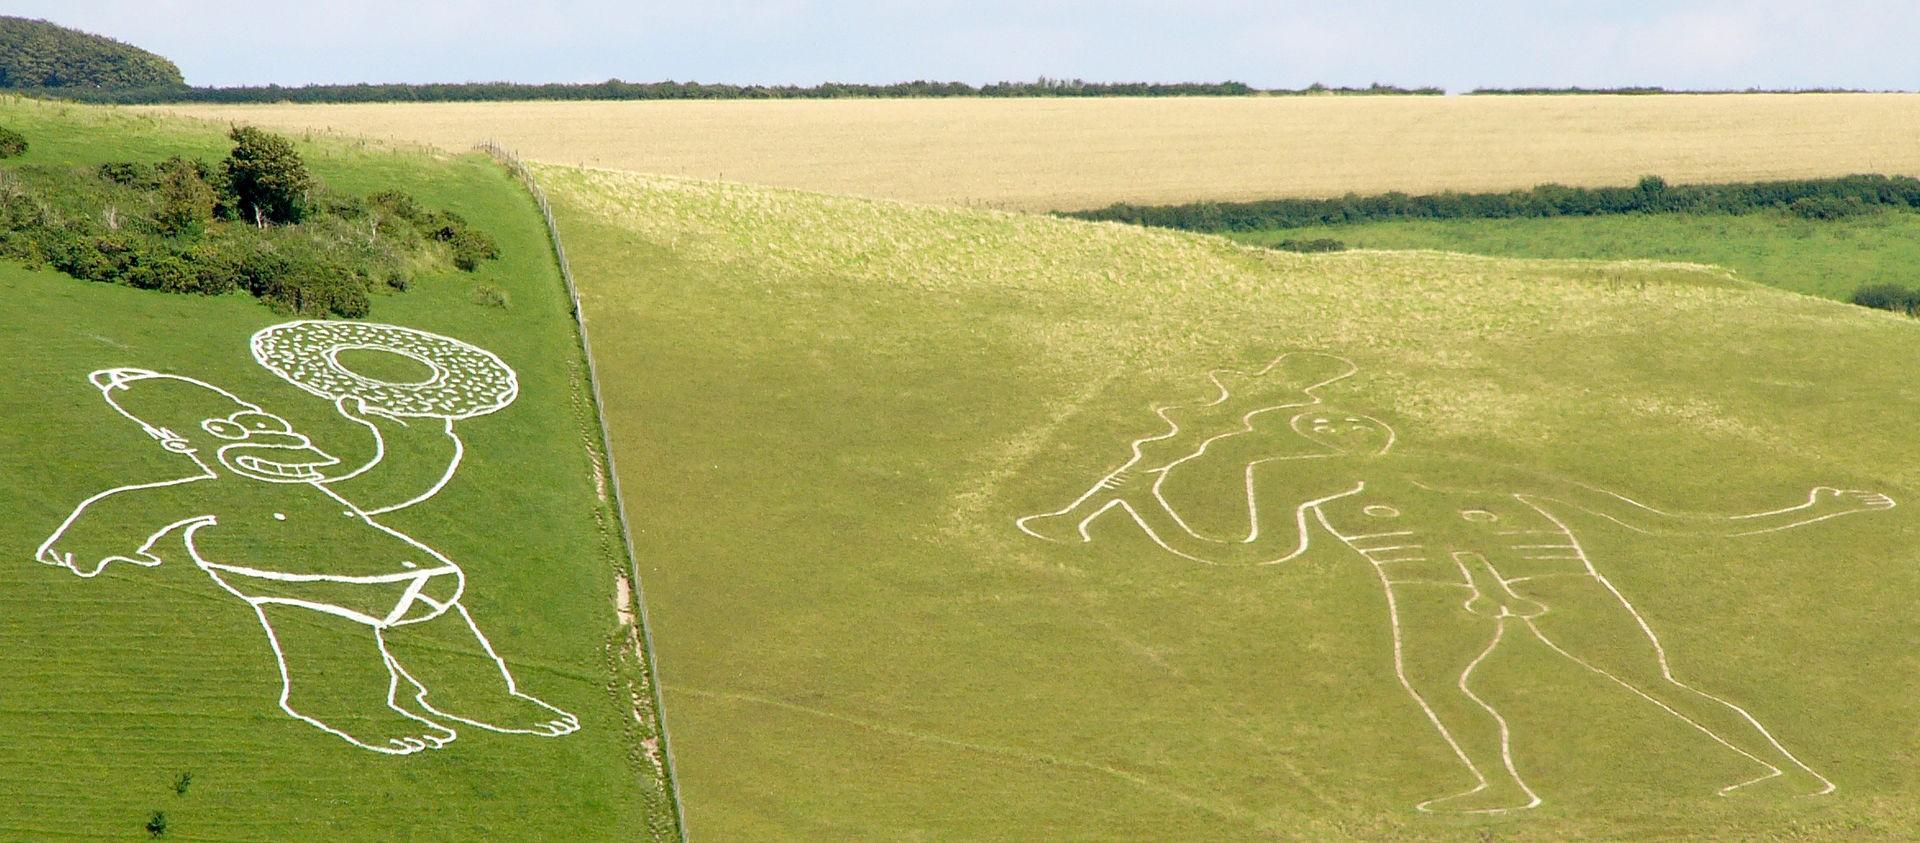 O gigante de Cerne Abbas ao lado de Homer Simpson. (Foto: Tim Bunce / Creative Commons)